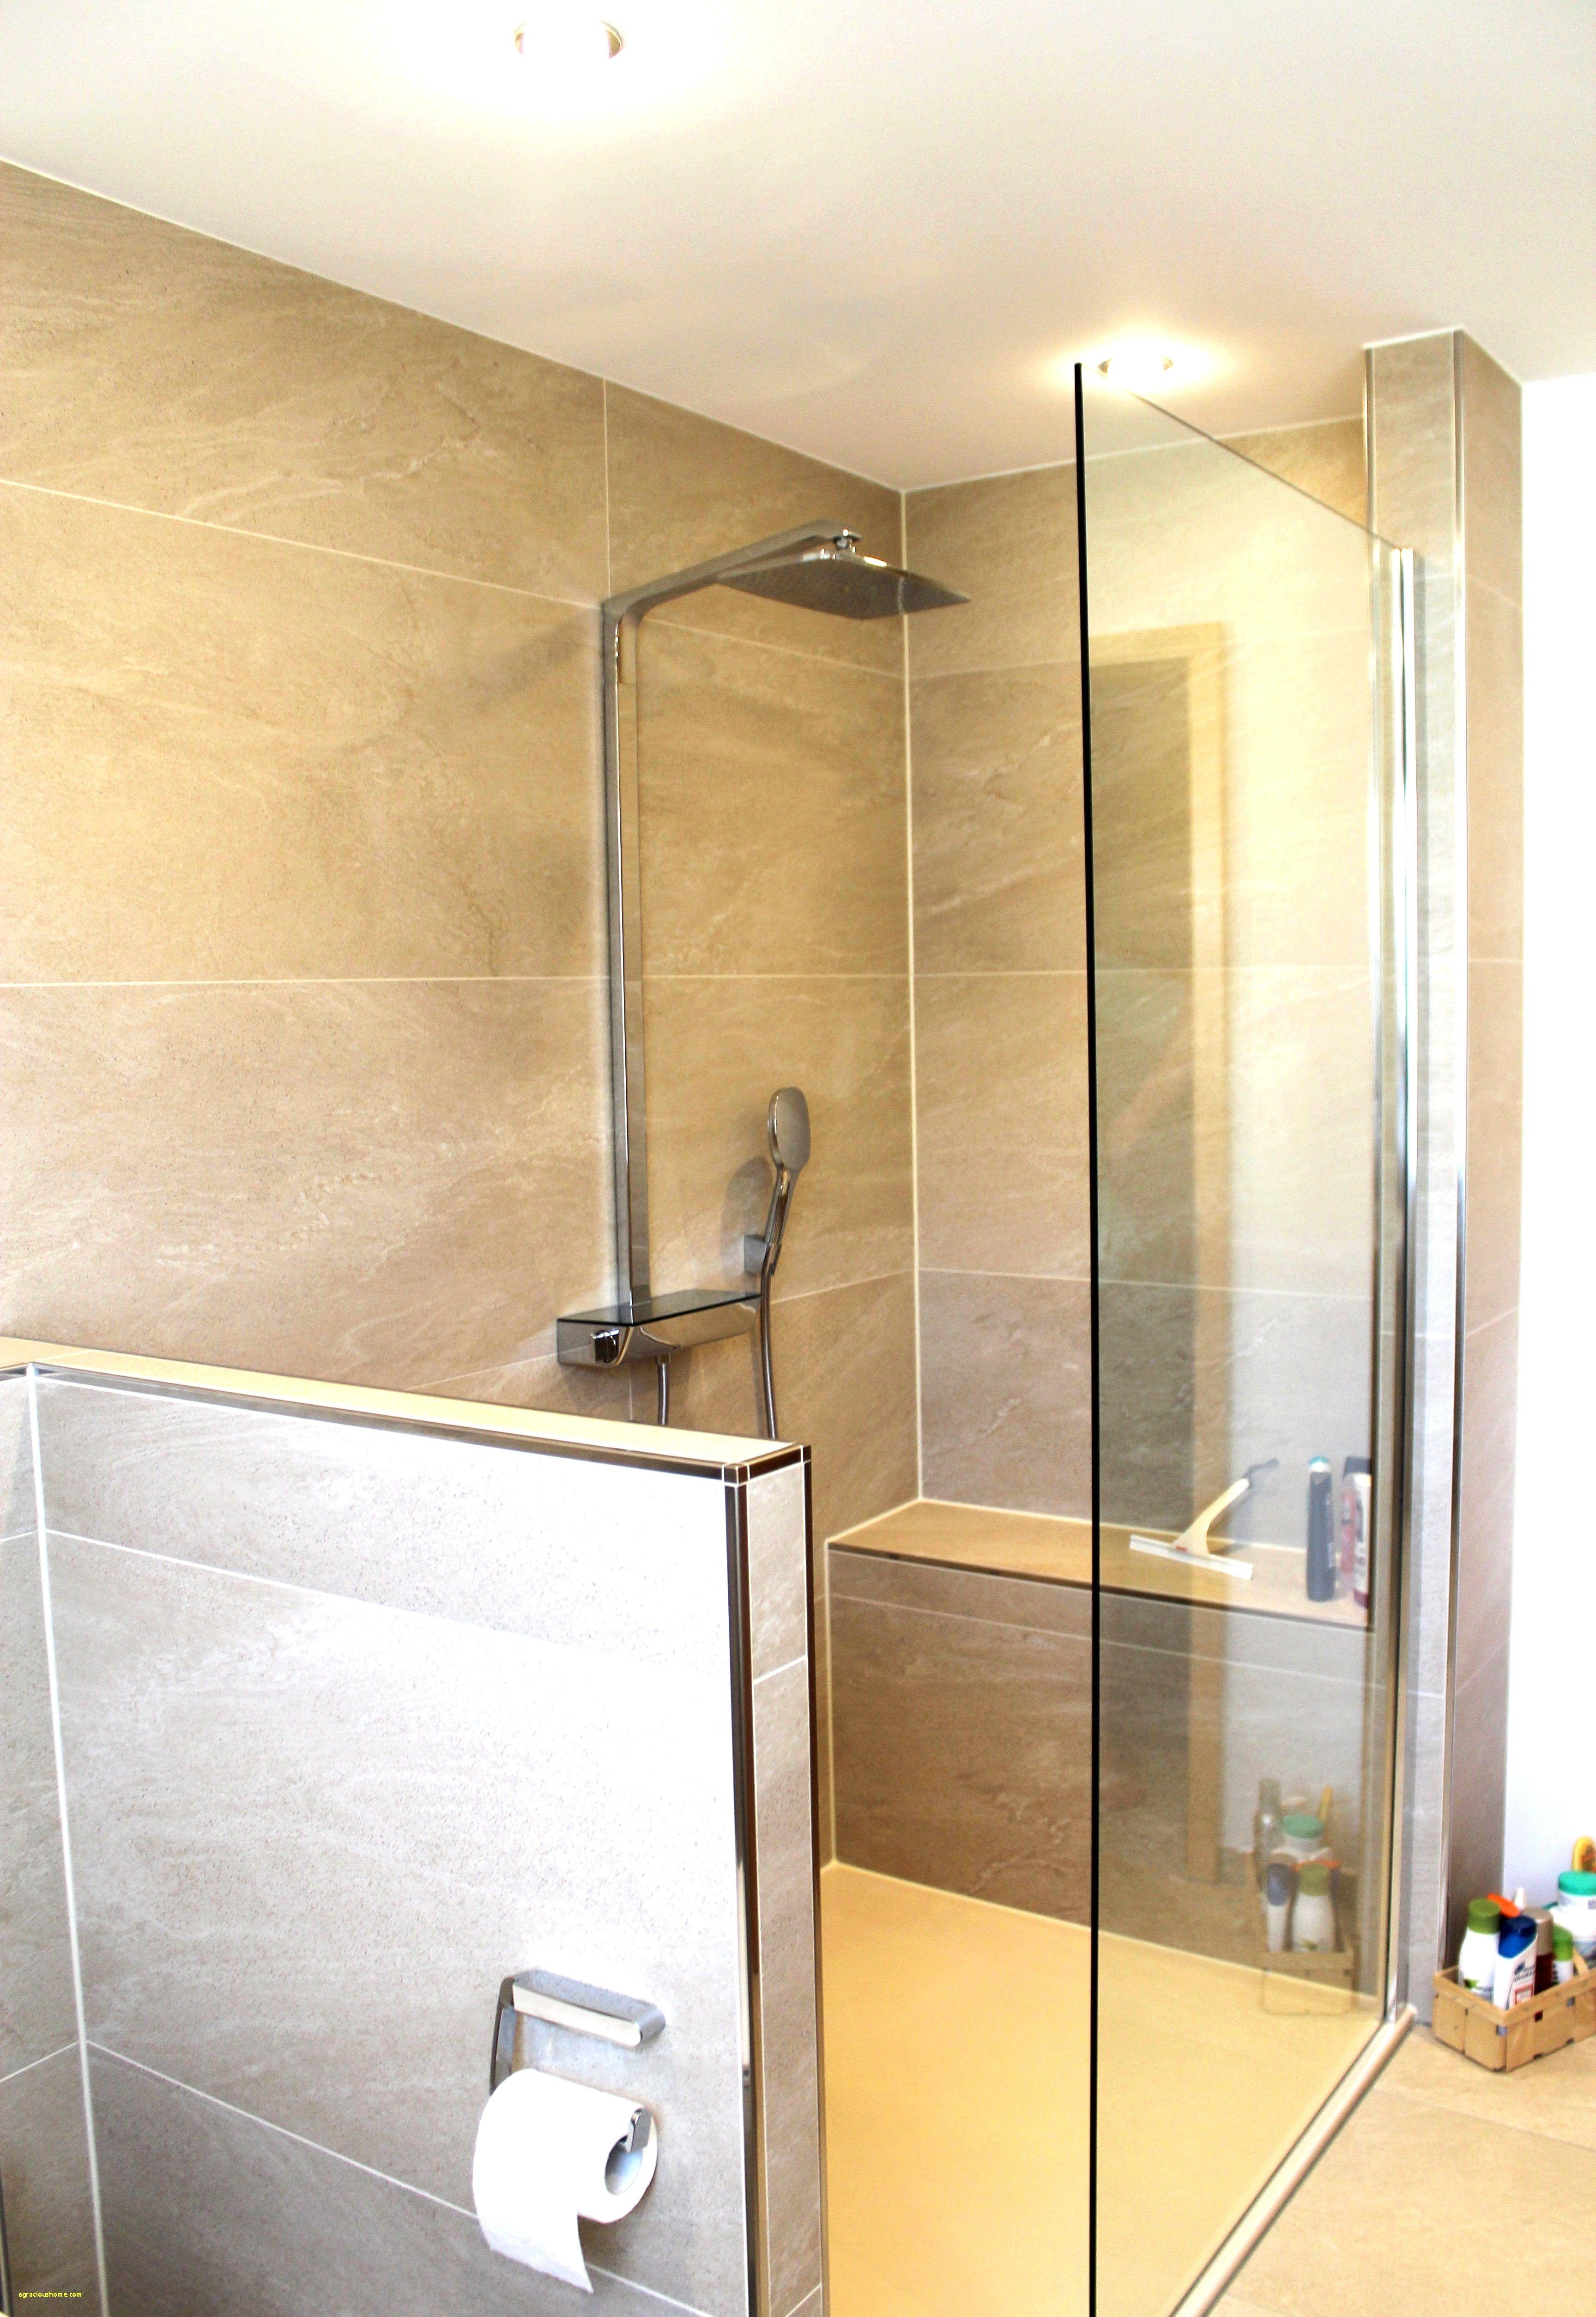 Begehbare Dusche Gemauert Badezimmer Begehbare Dusche Bad Einrichten